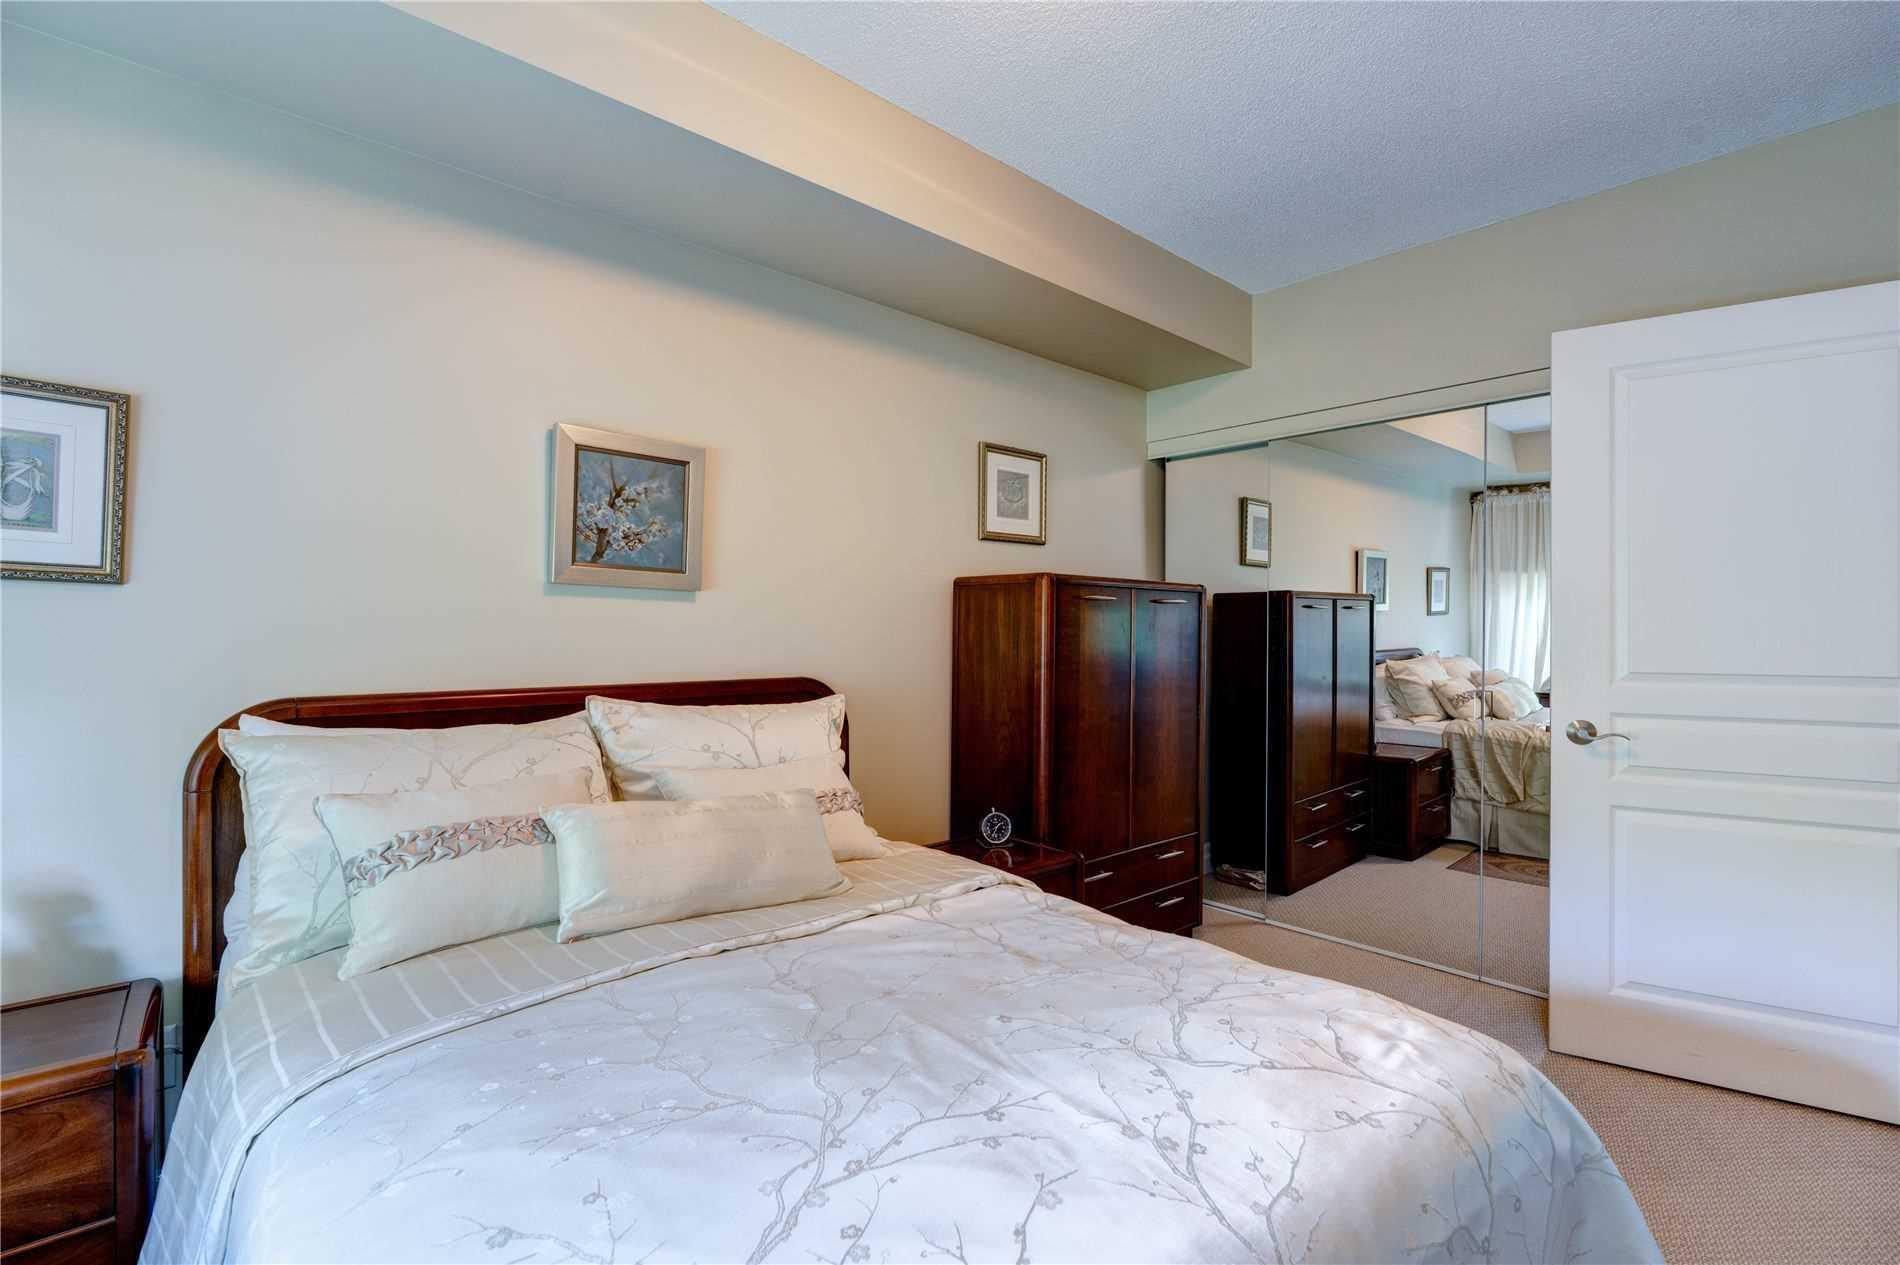 Condo Apt For Sale - 5 Rooms - 1 Bedroom - 1 Bathroom ...